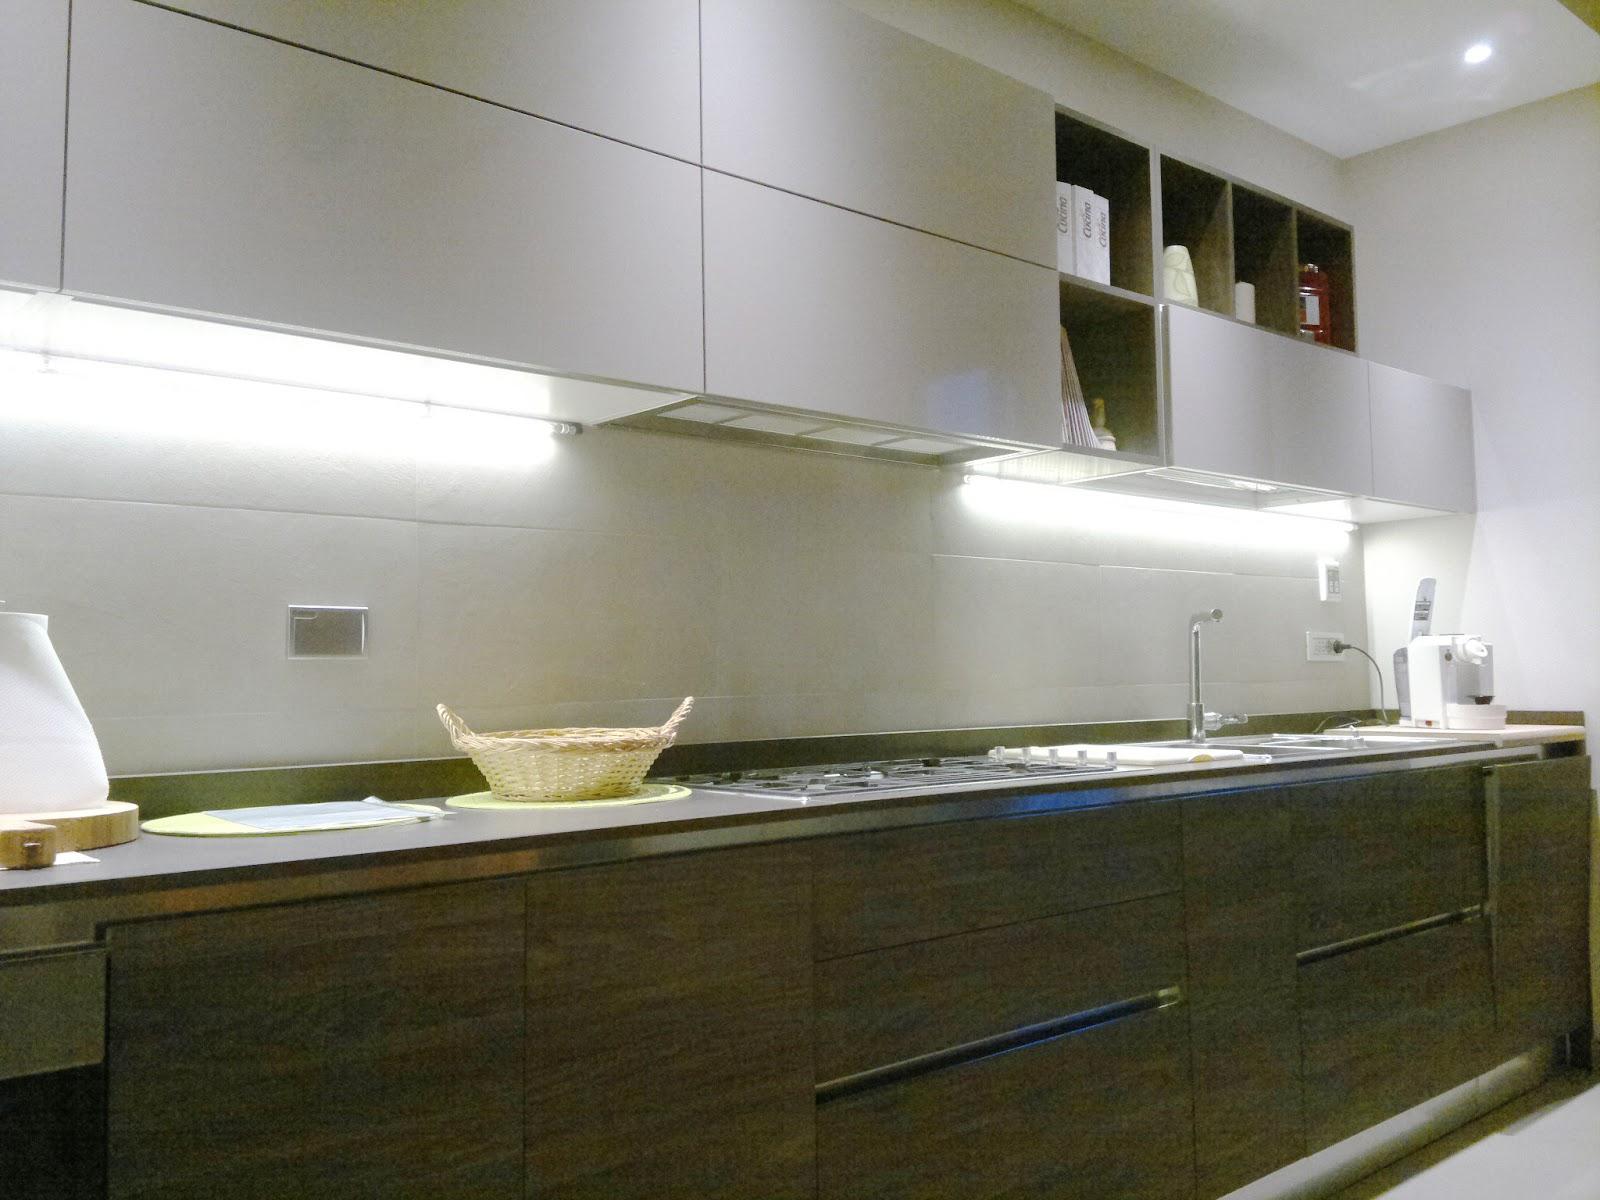 Luci Per Cucina | Striscia Led Per Cucina Top Cucina Leroy Merlin ...